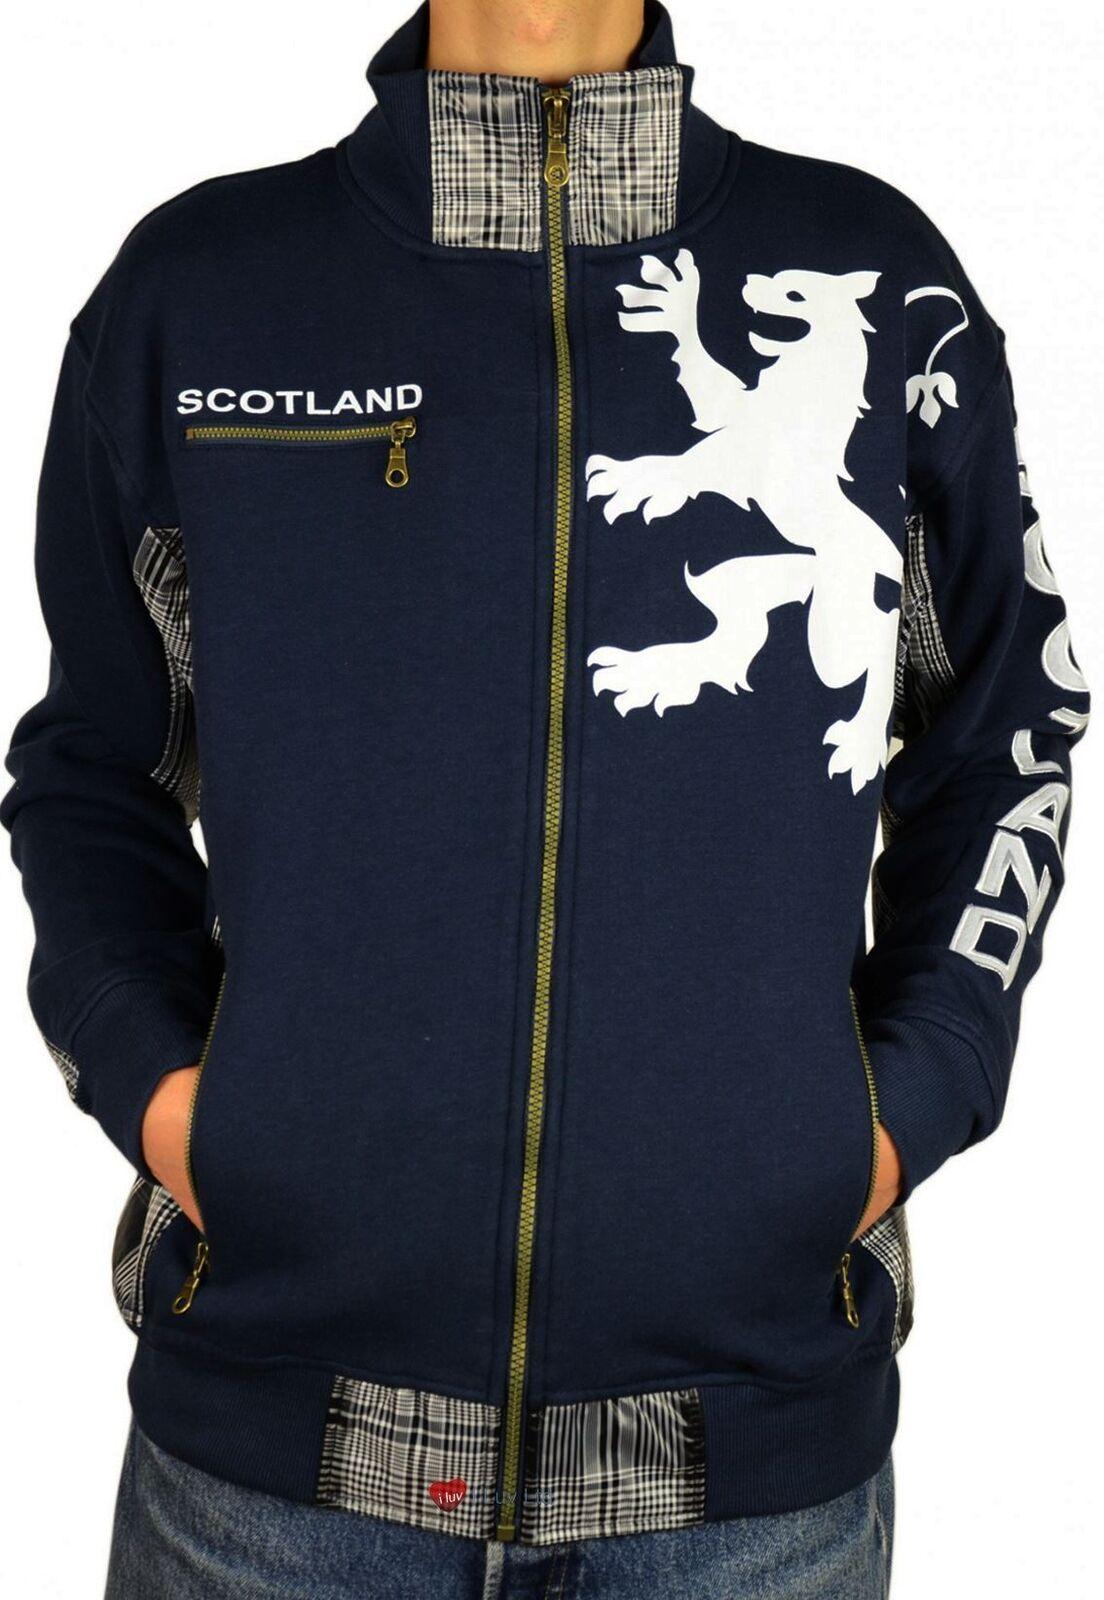 Herren Zipper Top Scotland Lion Tartan Insert Navy Größe Small